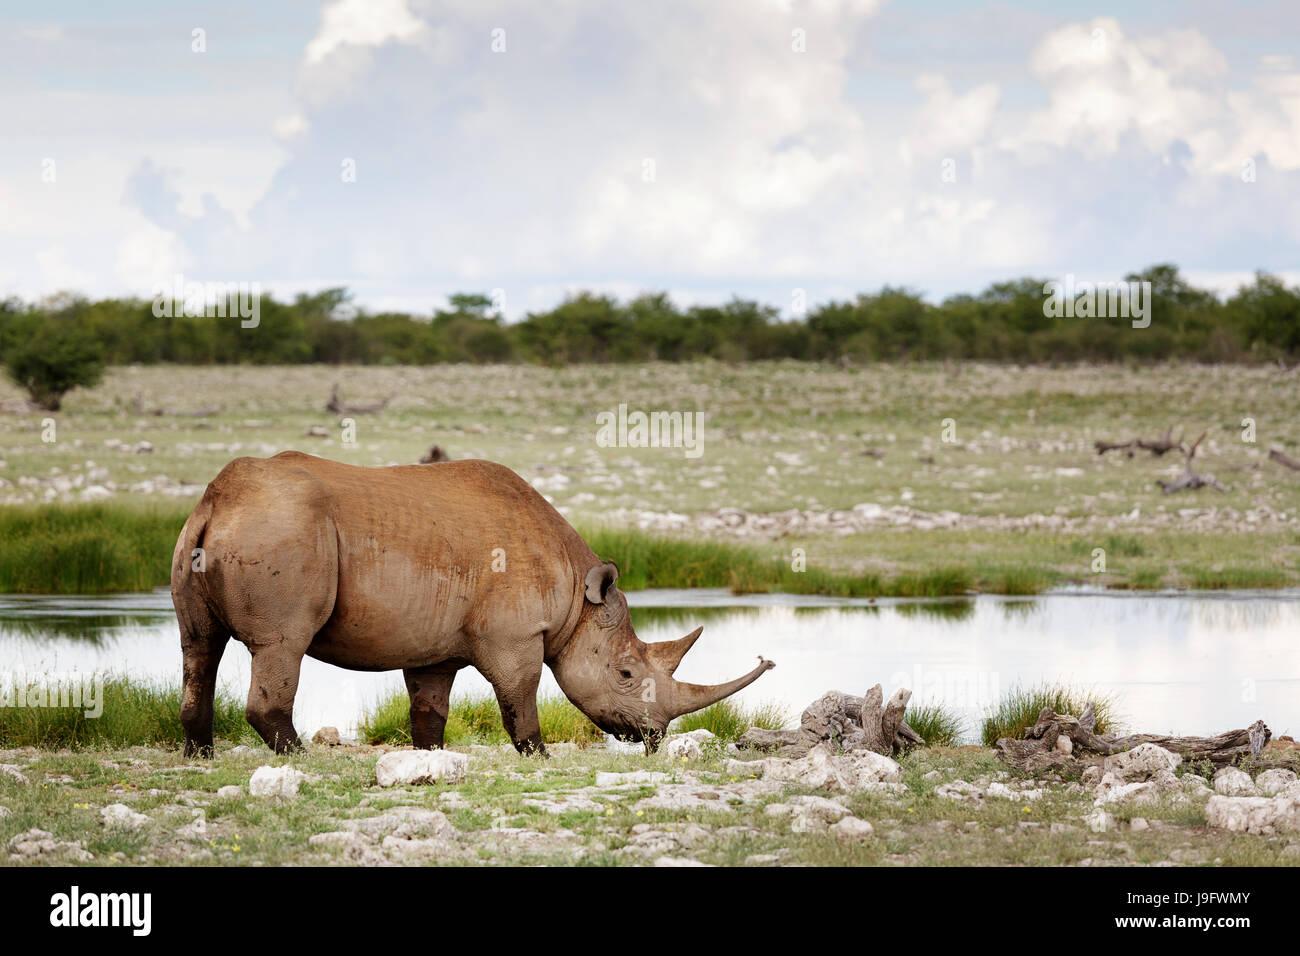 Rhino in piedi da un foro per l'acqua, Etosha NP, Namibia. Immagini Stock